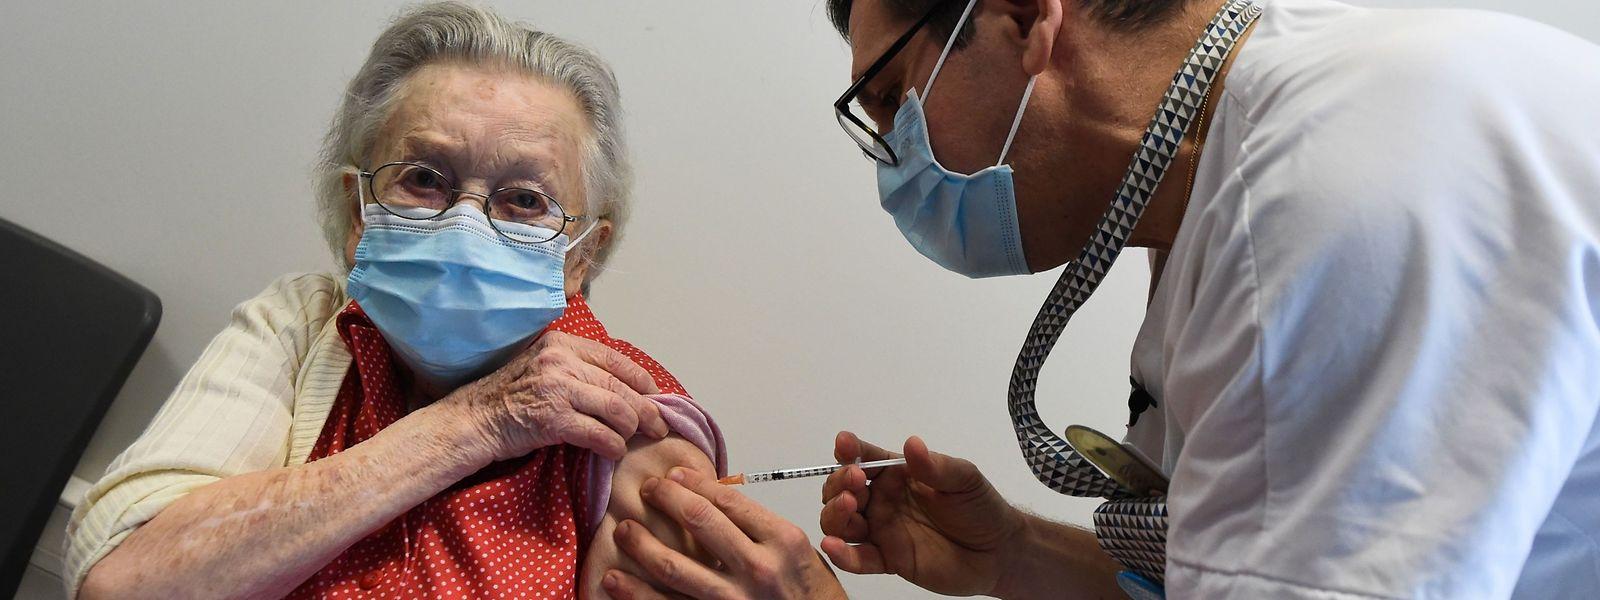 En France, la priorité est donnée aux personnes âgées, avant le personnel hospitalier.